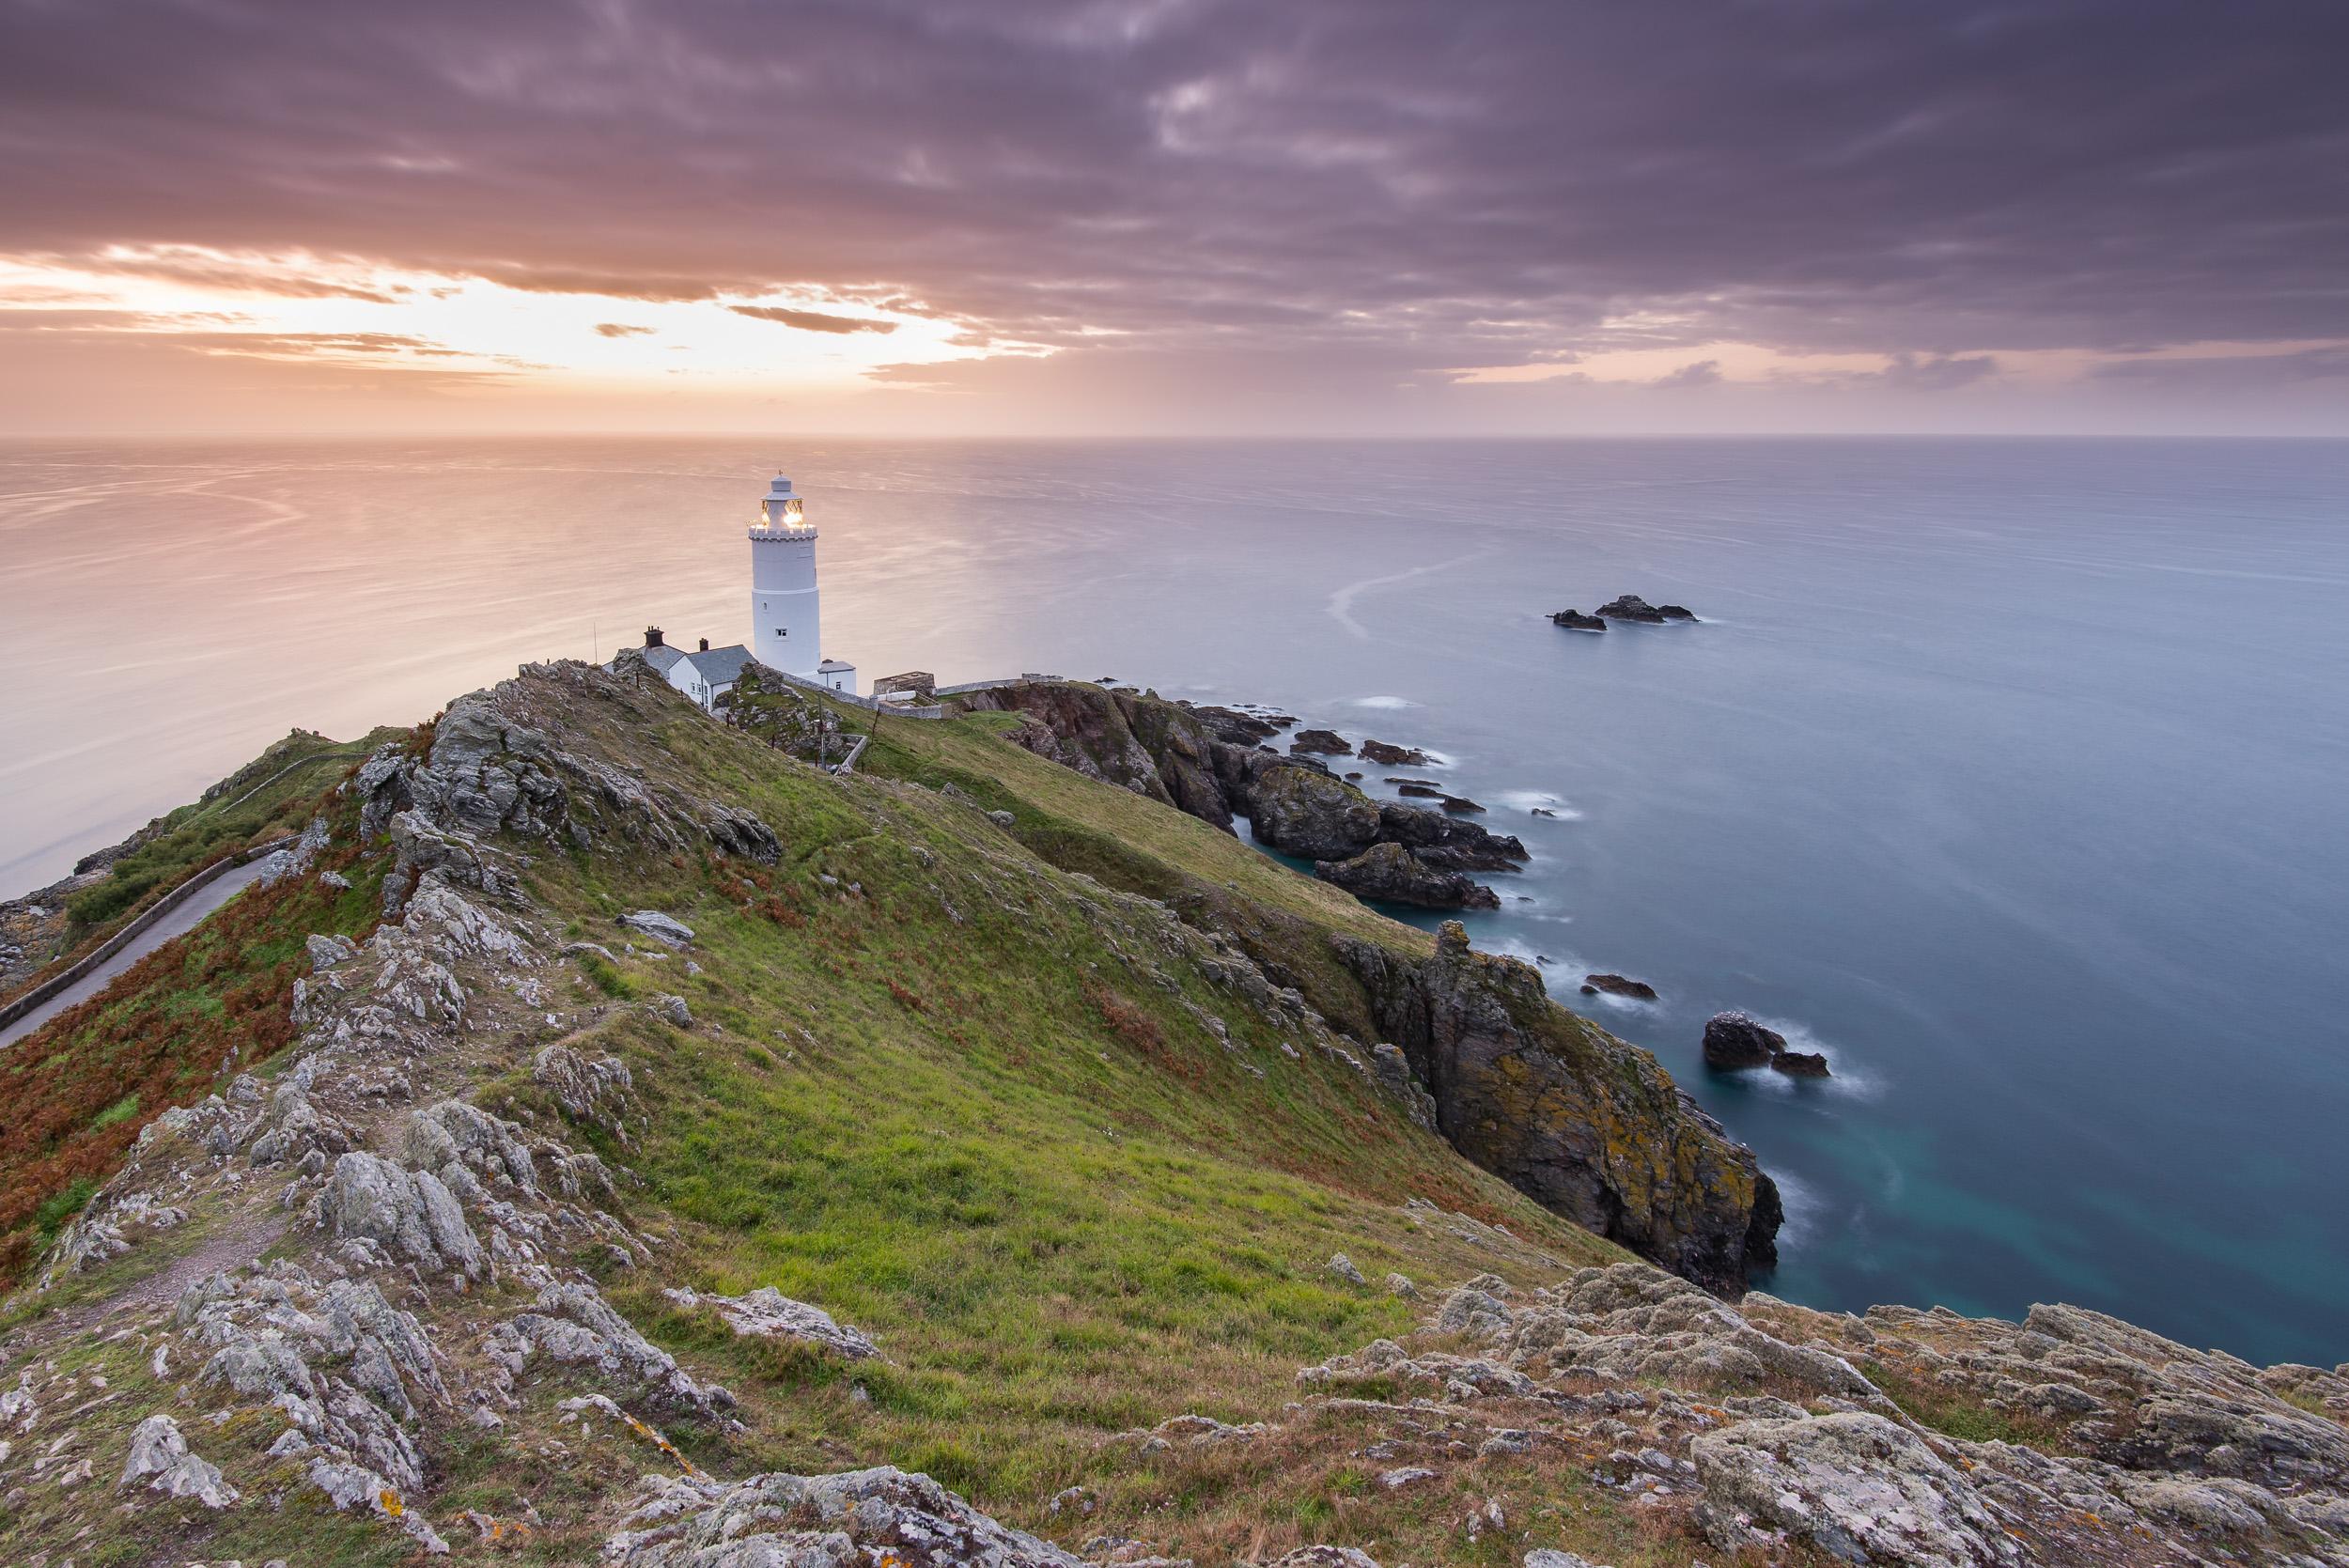 20150925-Sunrise Over Start Point Lighthouse.jpg